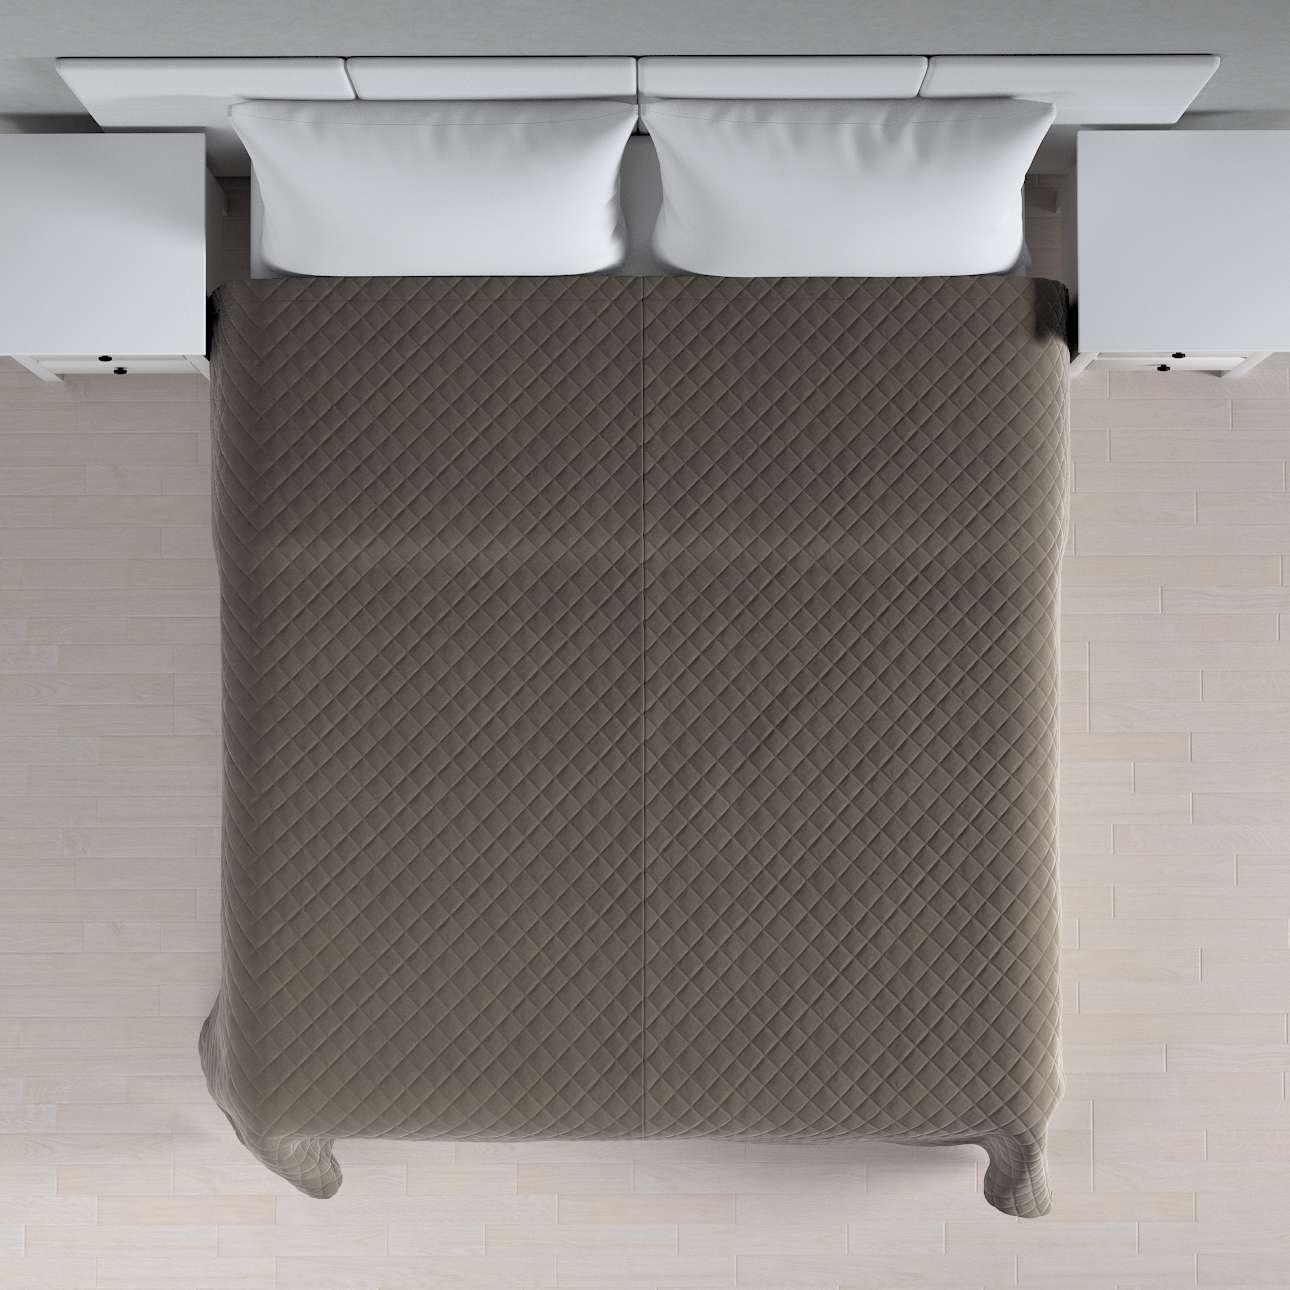 Velvet-Tagesdecke mit Karosteppung, grau-beige, 210 × 170 cm, Velvet | Heimtextilien > Decken und Kissen | Dekoria